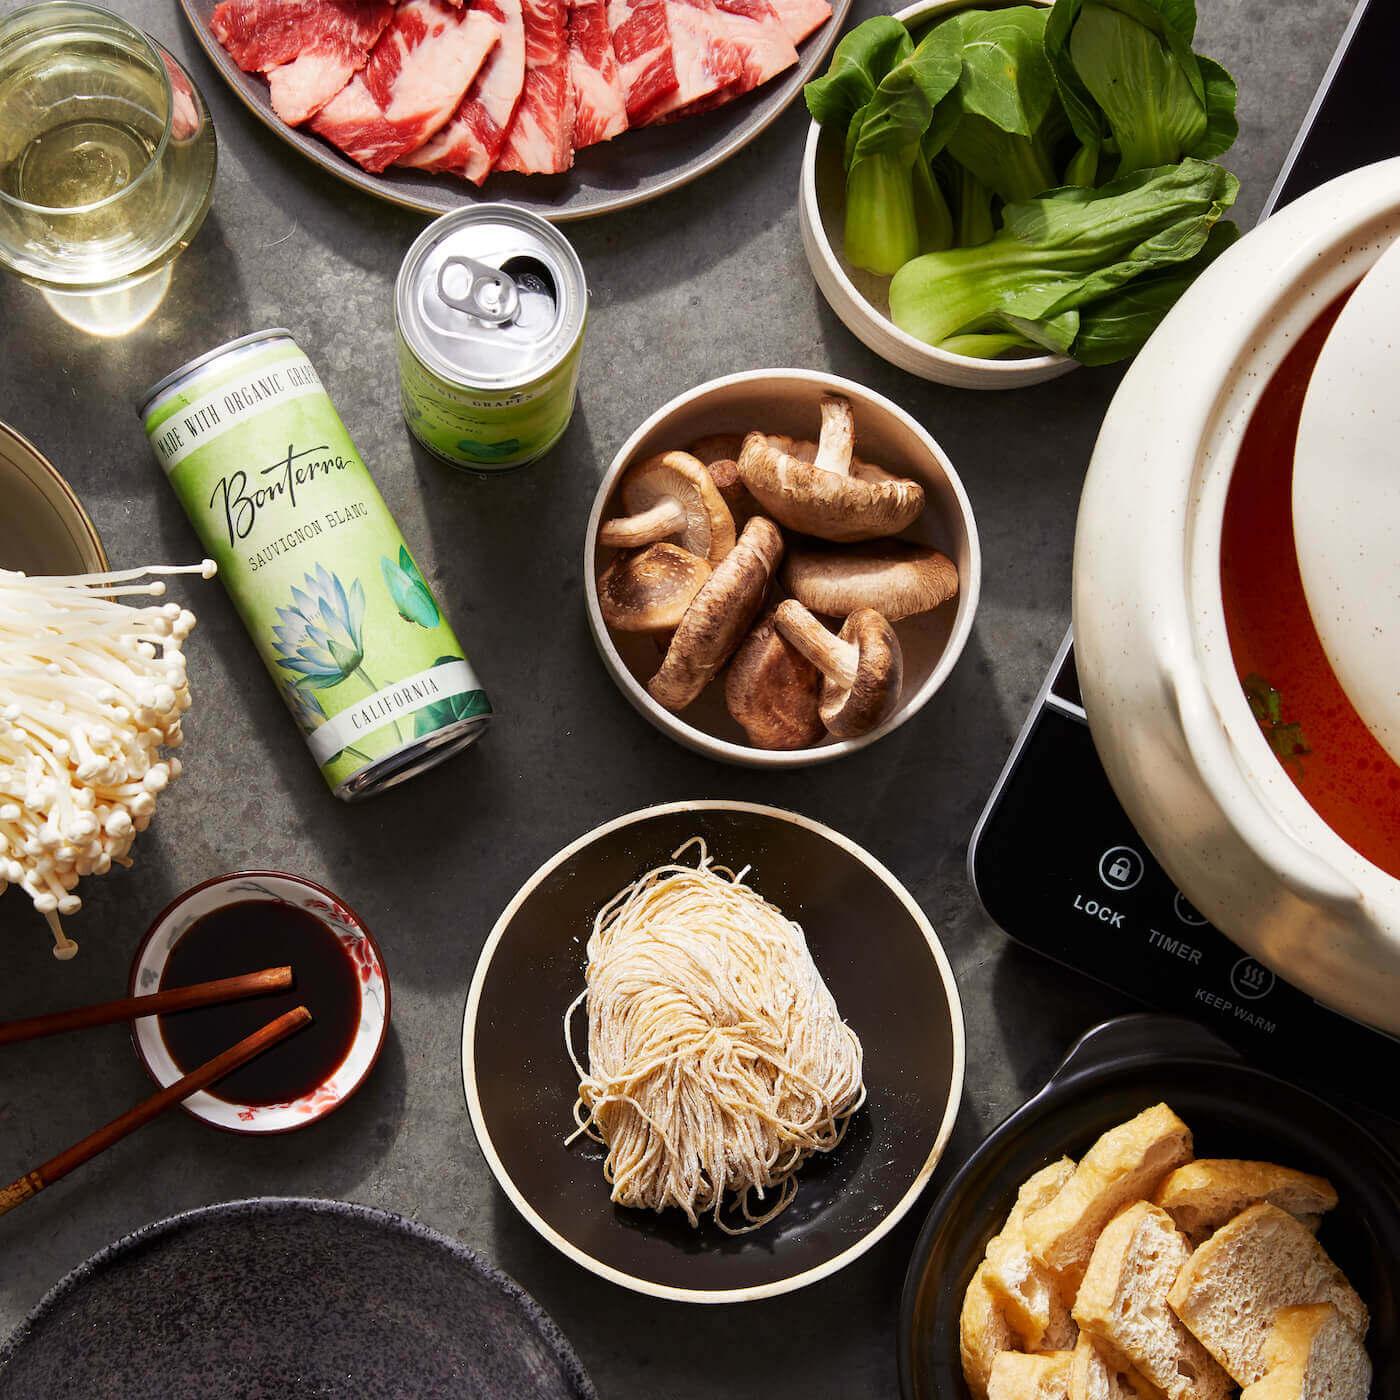 Bonterra Hot Pot Recipe